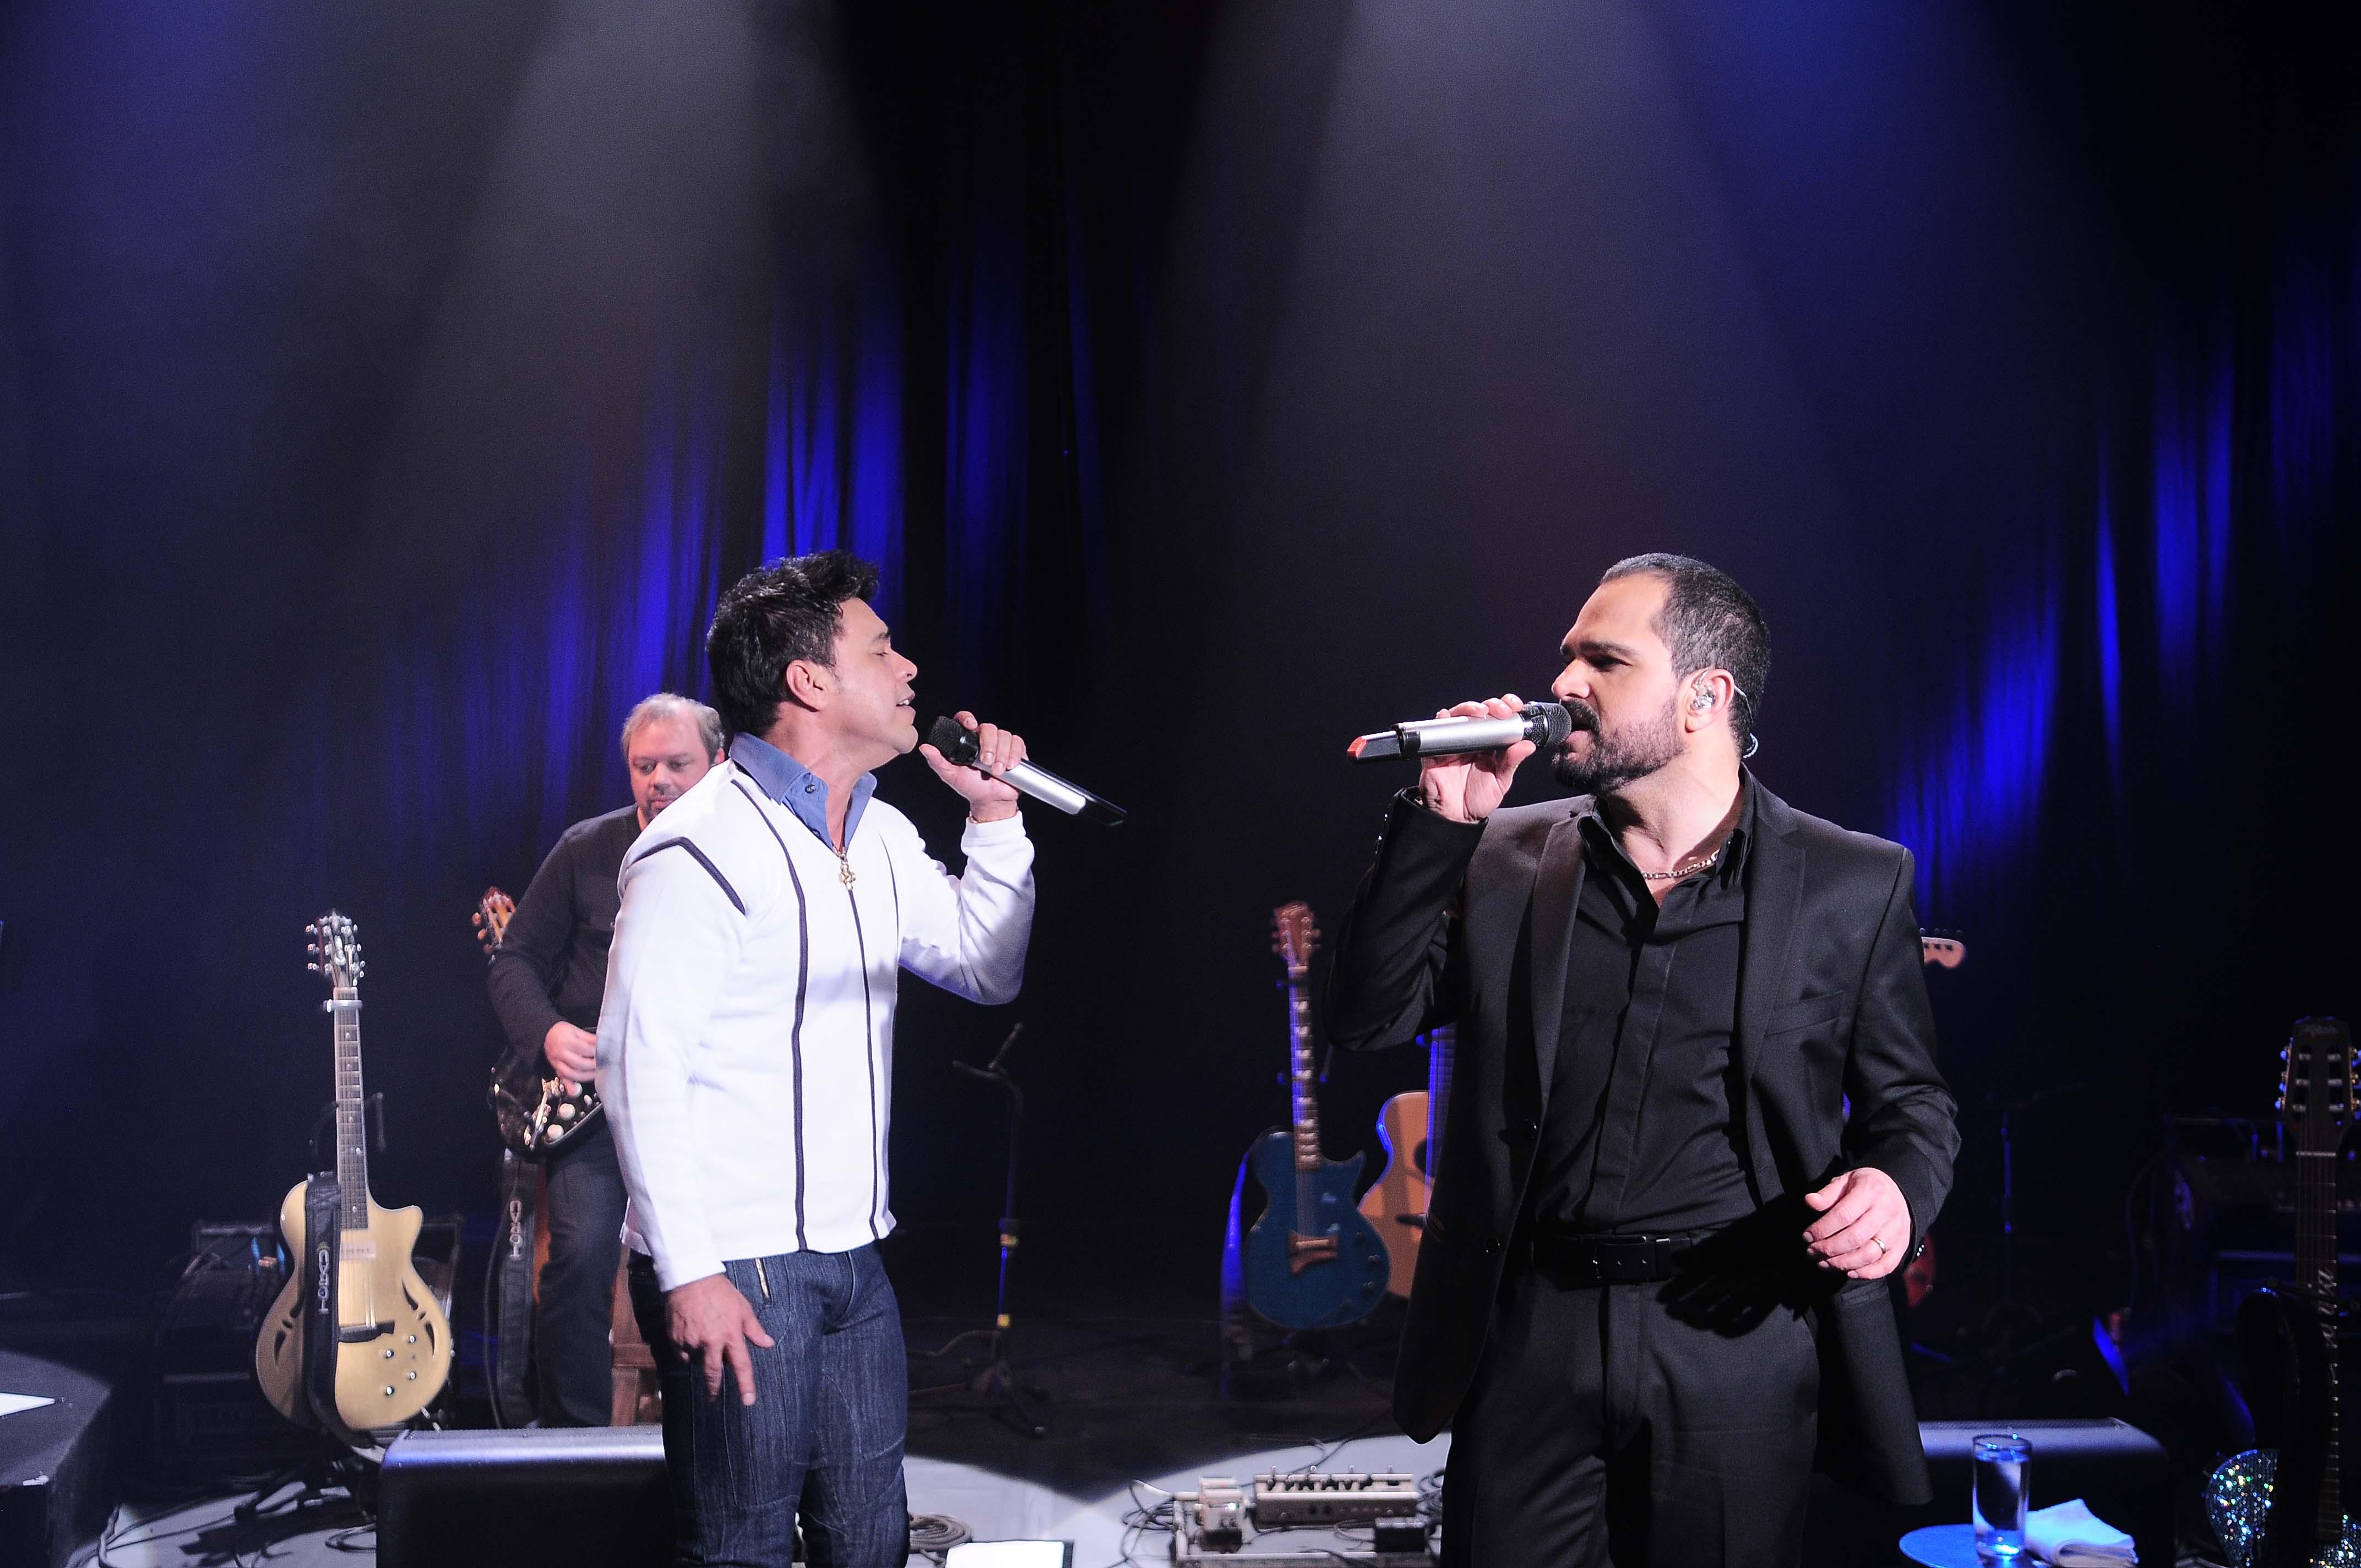 Zezé di Camargo e Luciano cantam e relembram trajetória da dupla